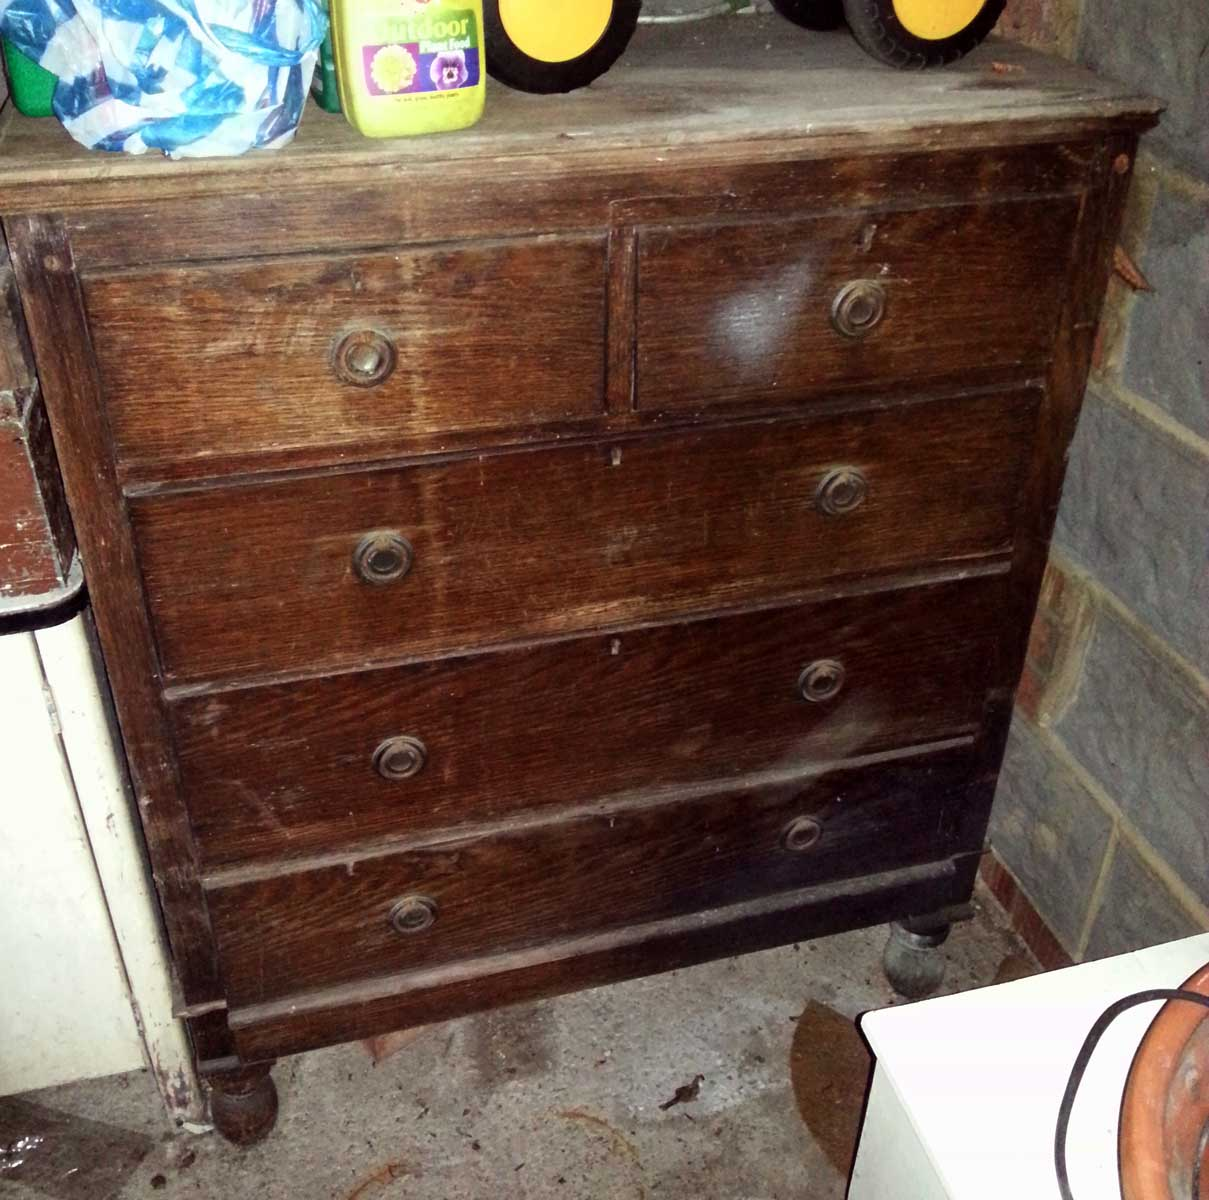 20141111_shabby-chic-restoration_drawer-chest_07_trash-to-posh_01